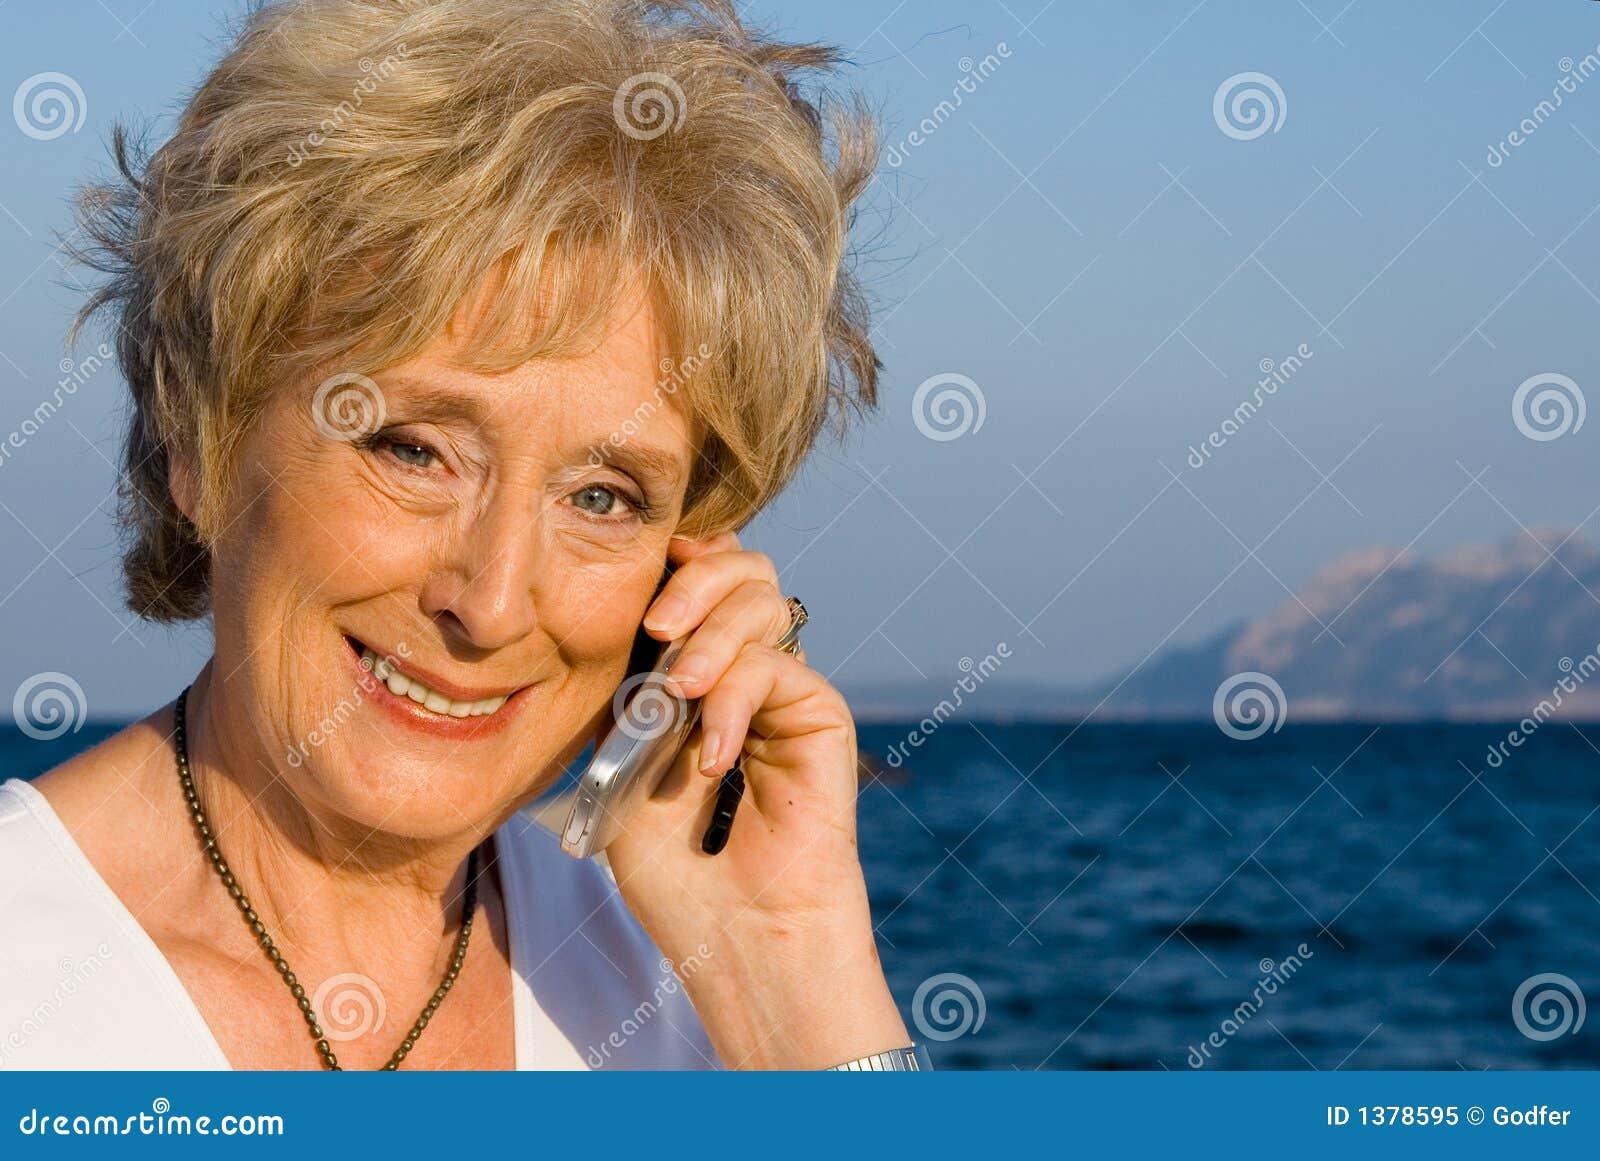 移动电话前辈